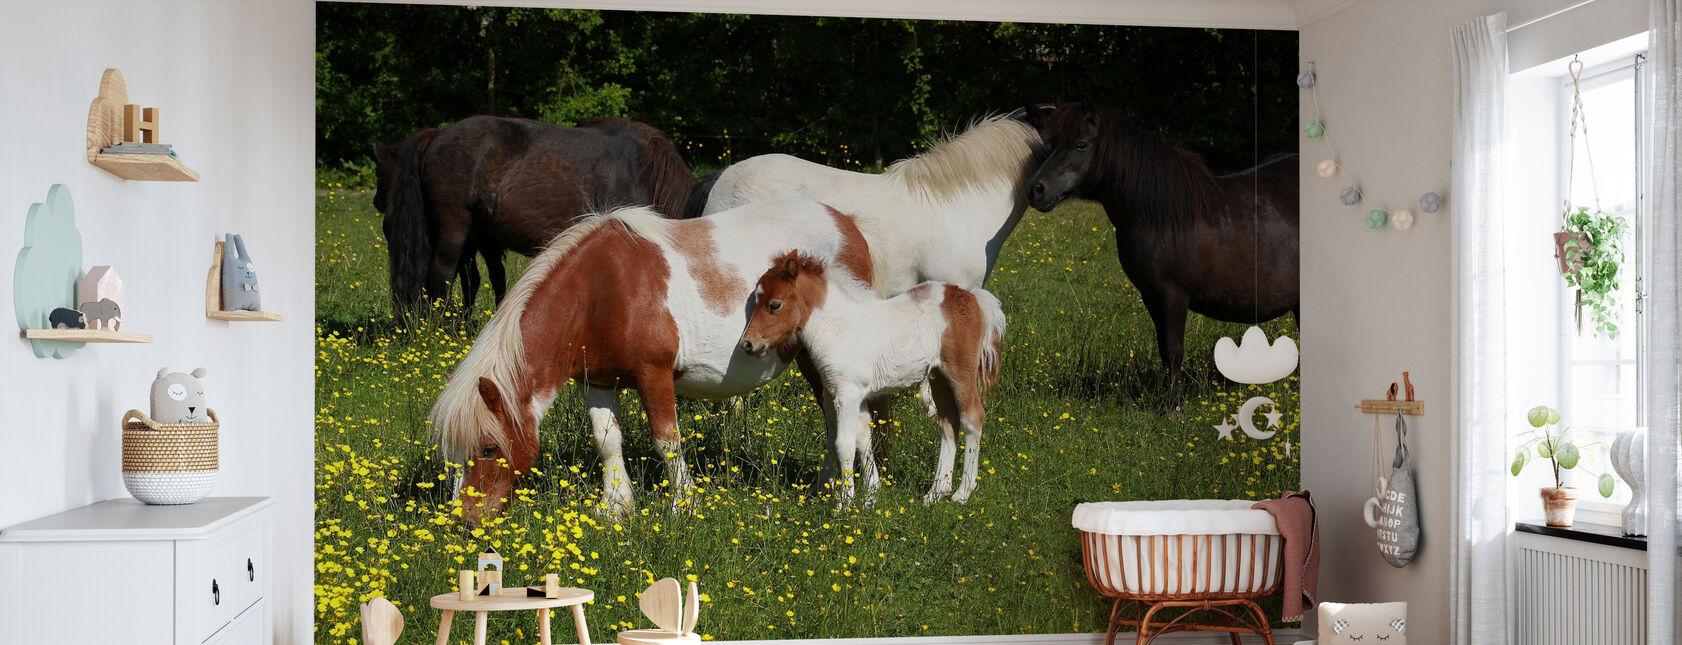 Shetland Ponies - Wallpaper - Nursery